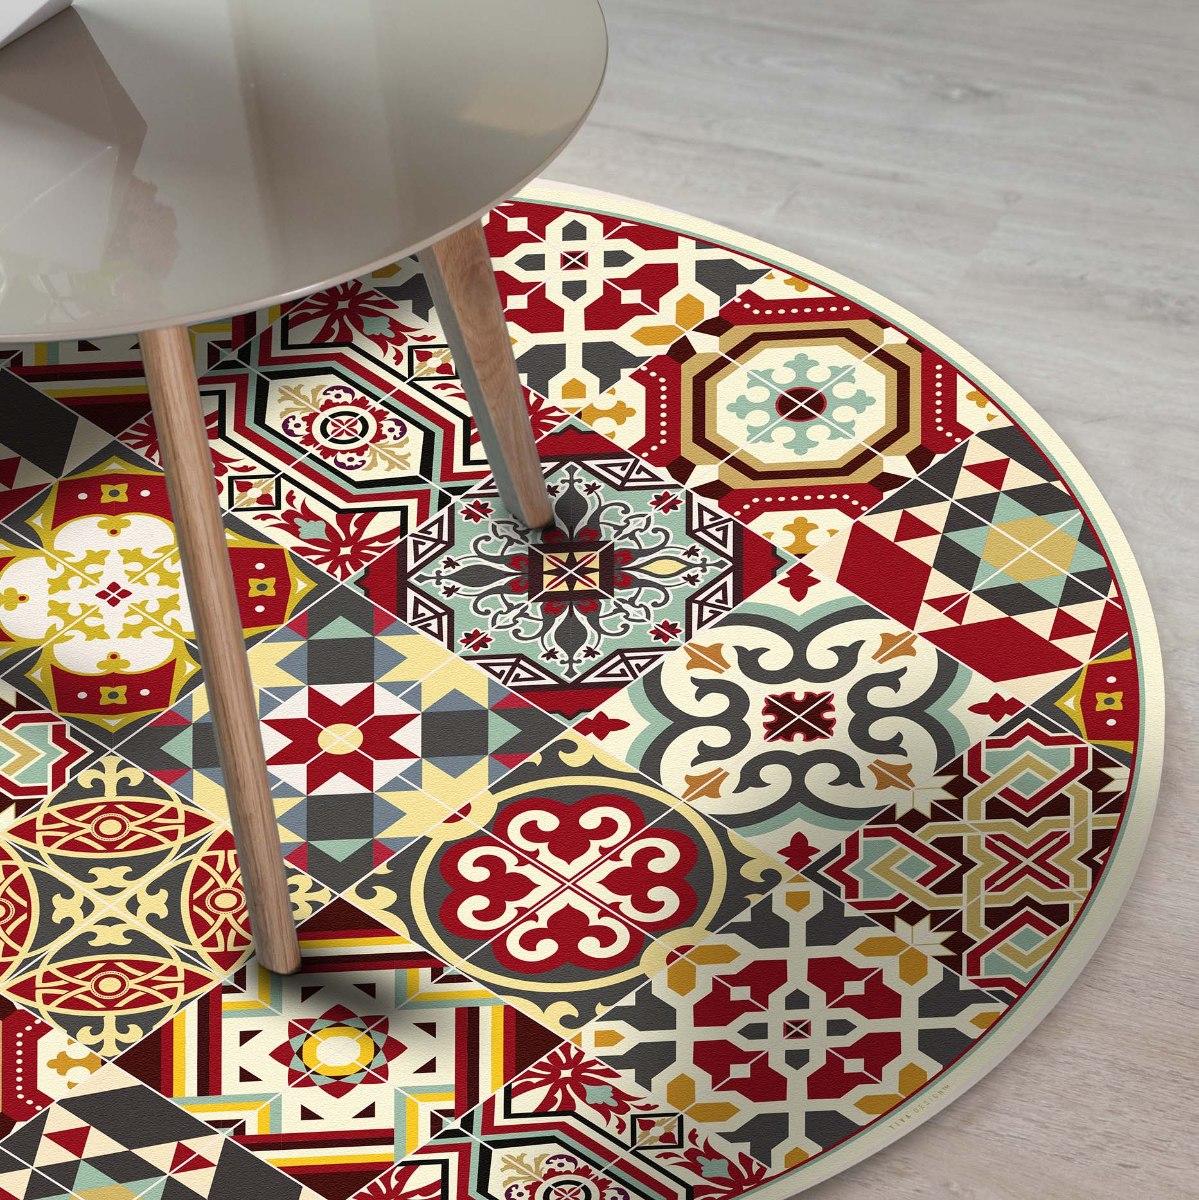 שטיח פי.וי.סי עגול ביזנטי  TIVA DESIGN קיים בגדלים שונים